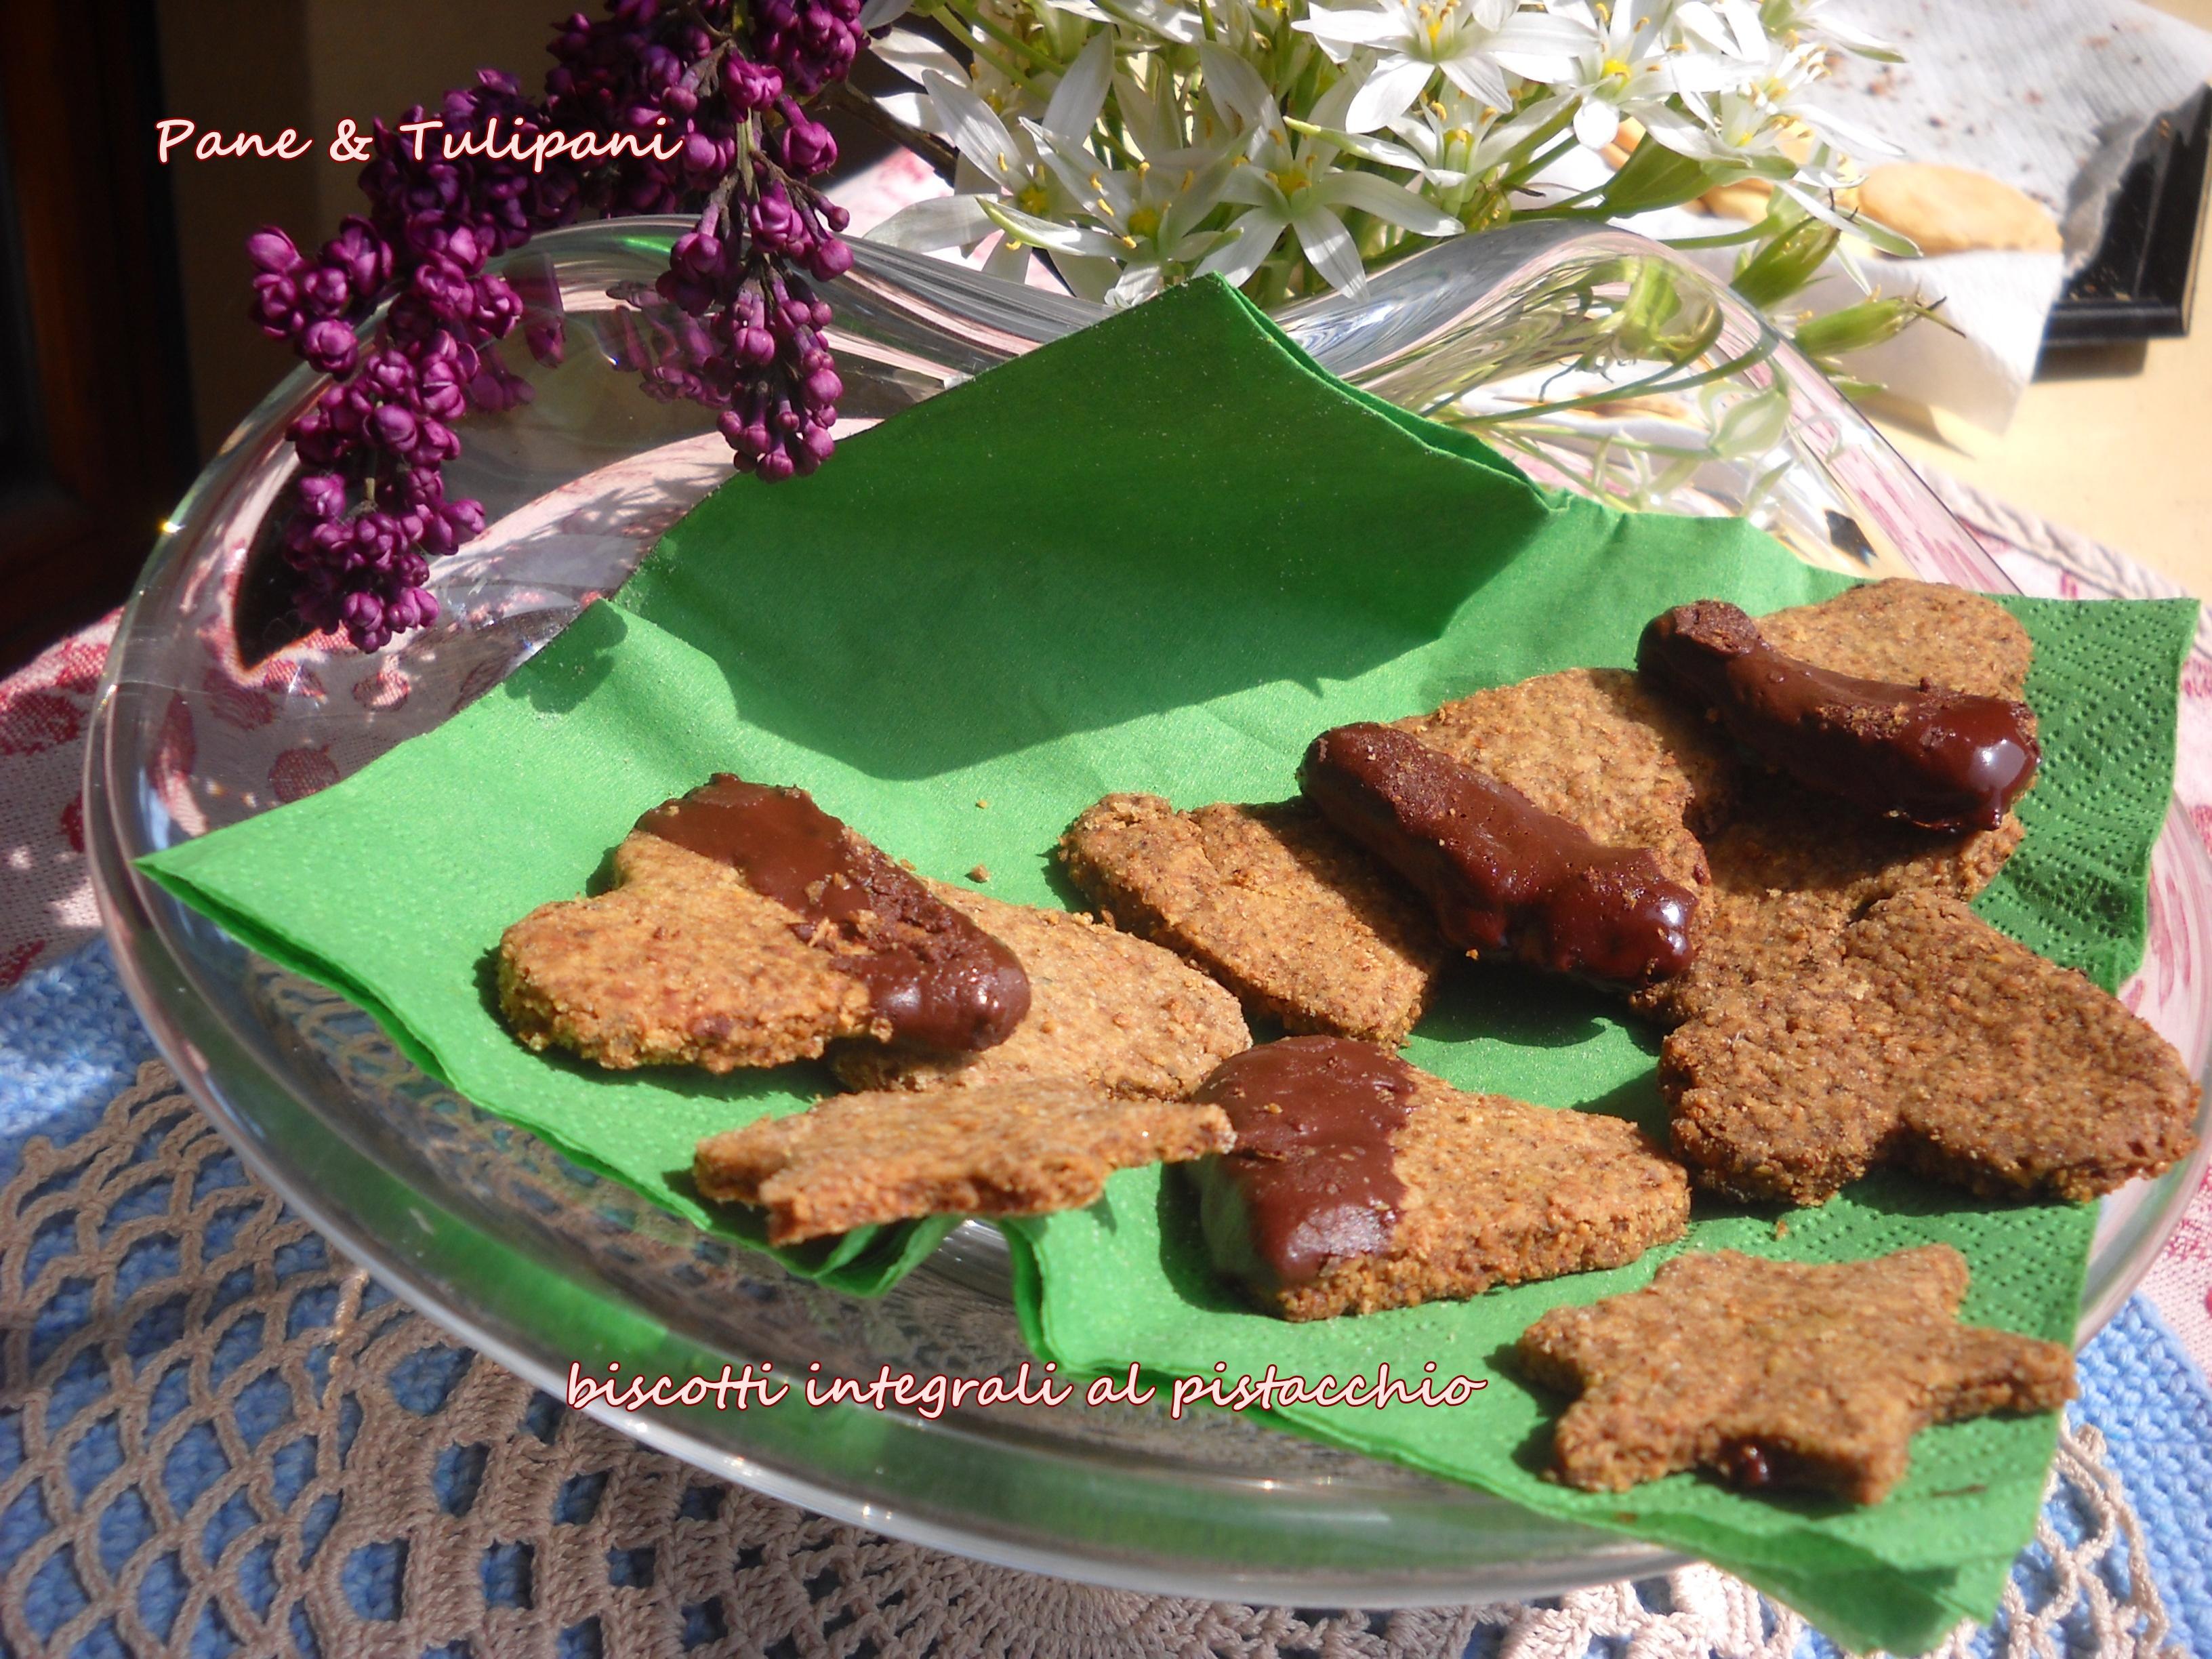 biscotti integrali al pistacchio